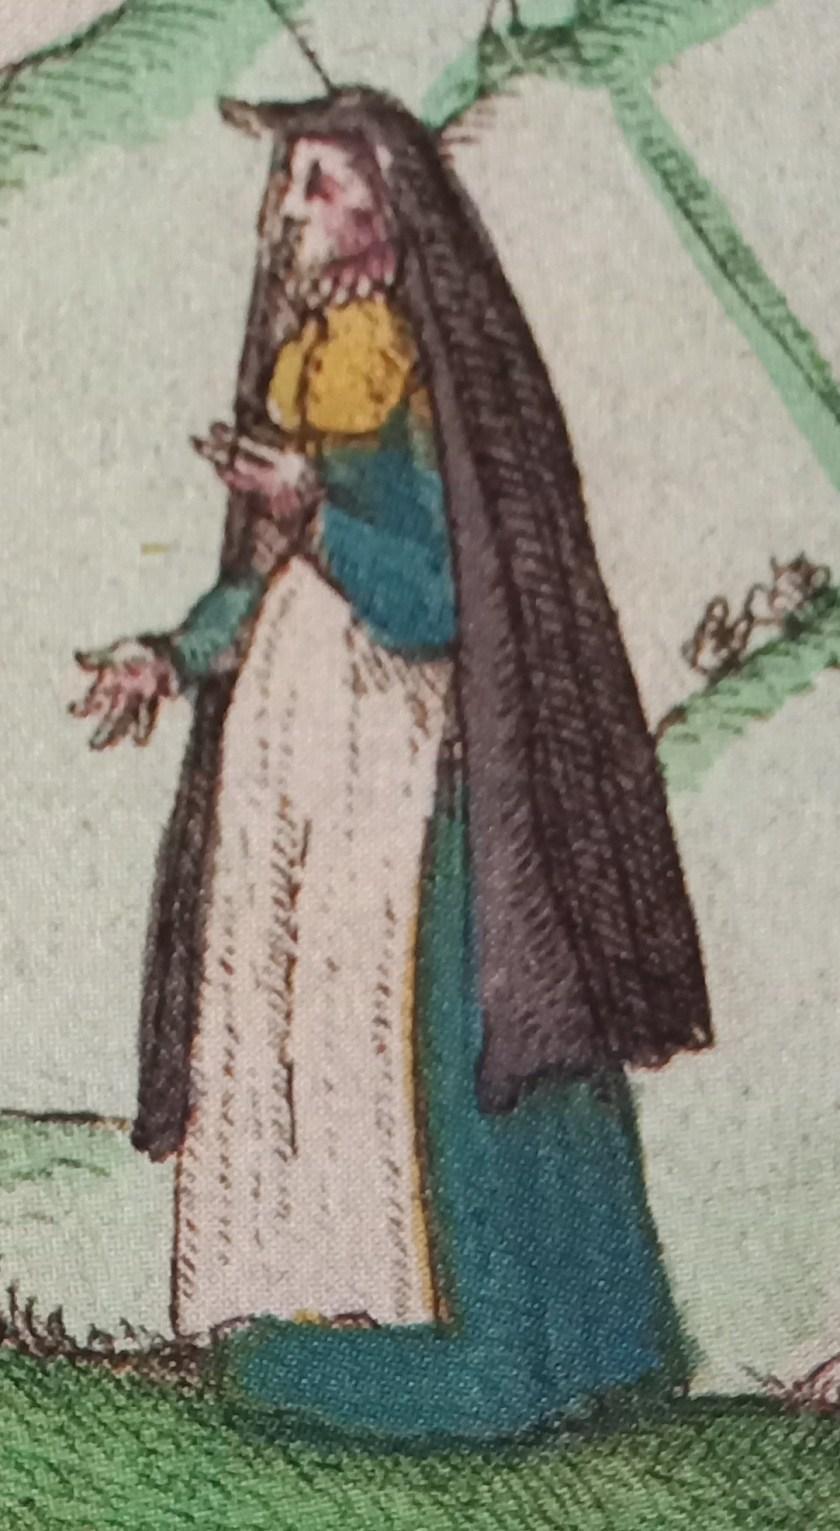 1581 Nijmegen. Page 242, Guicciardini